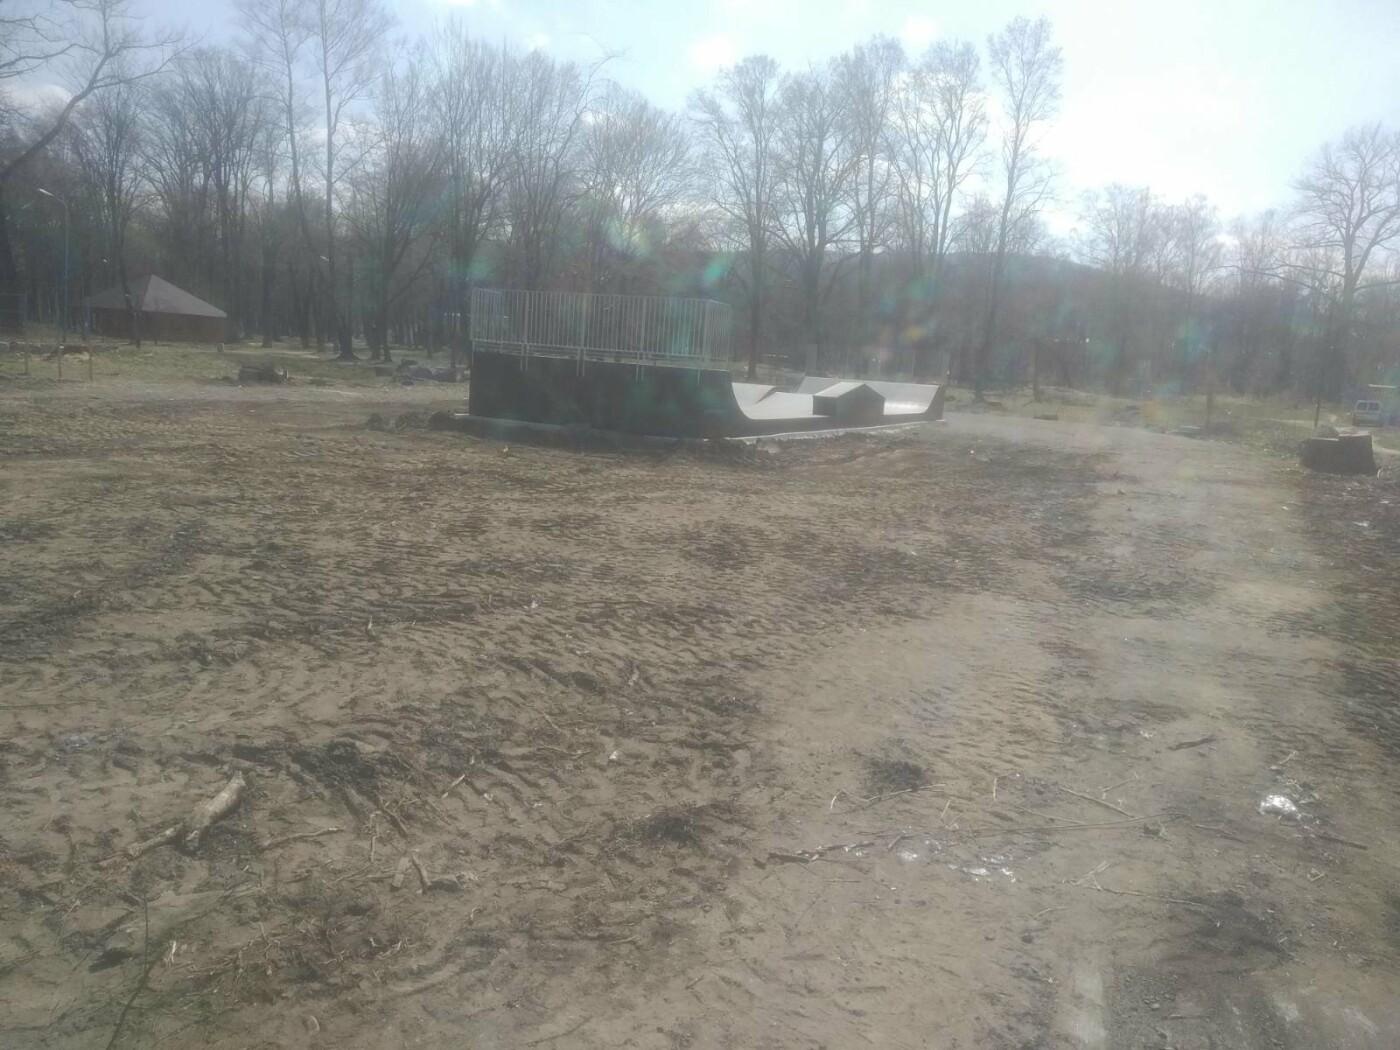 Майданчик для воркауту у Бориславі: тривають підготовчі роботи , фото-5, Фото - 03247.com.ua